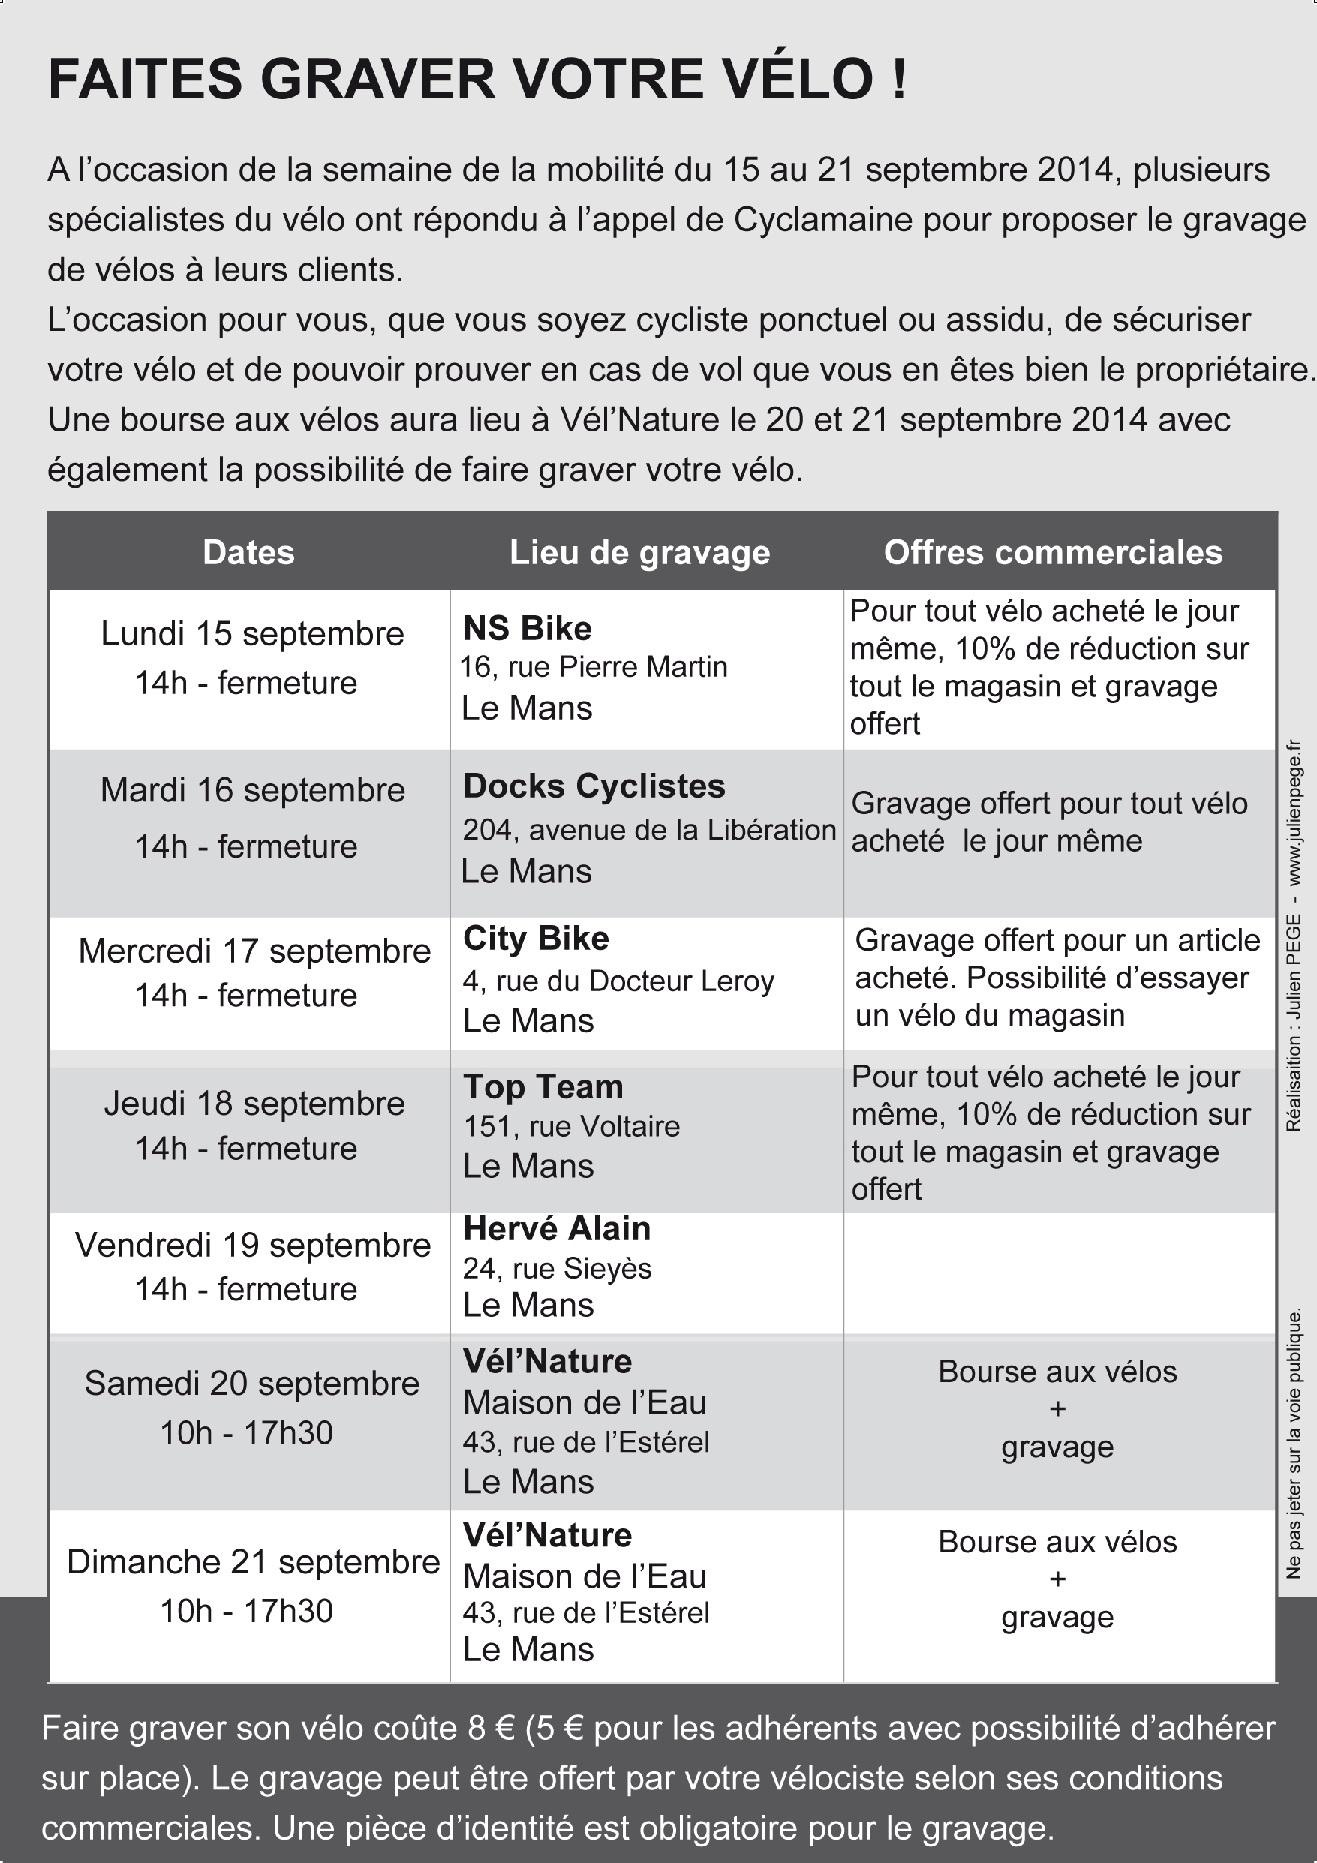 Semaine de la Mobilité 2014 : Gravage et bourse aux vélos